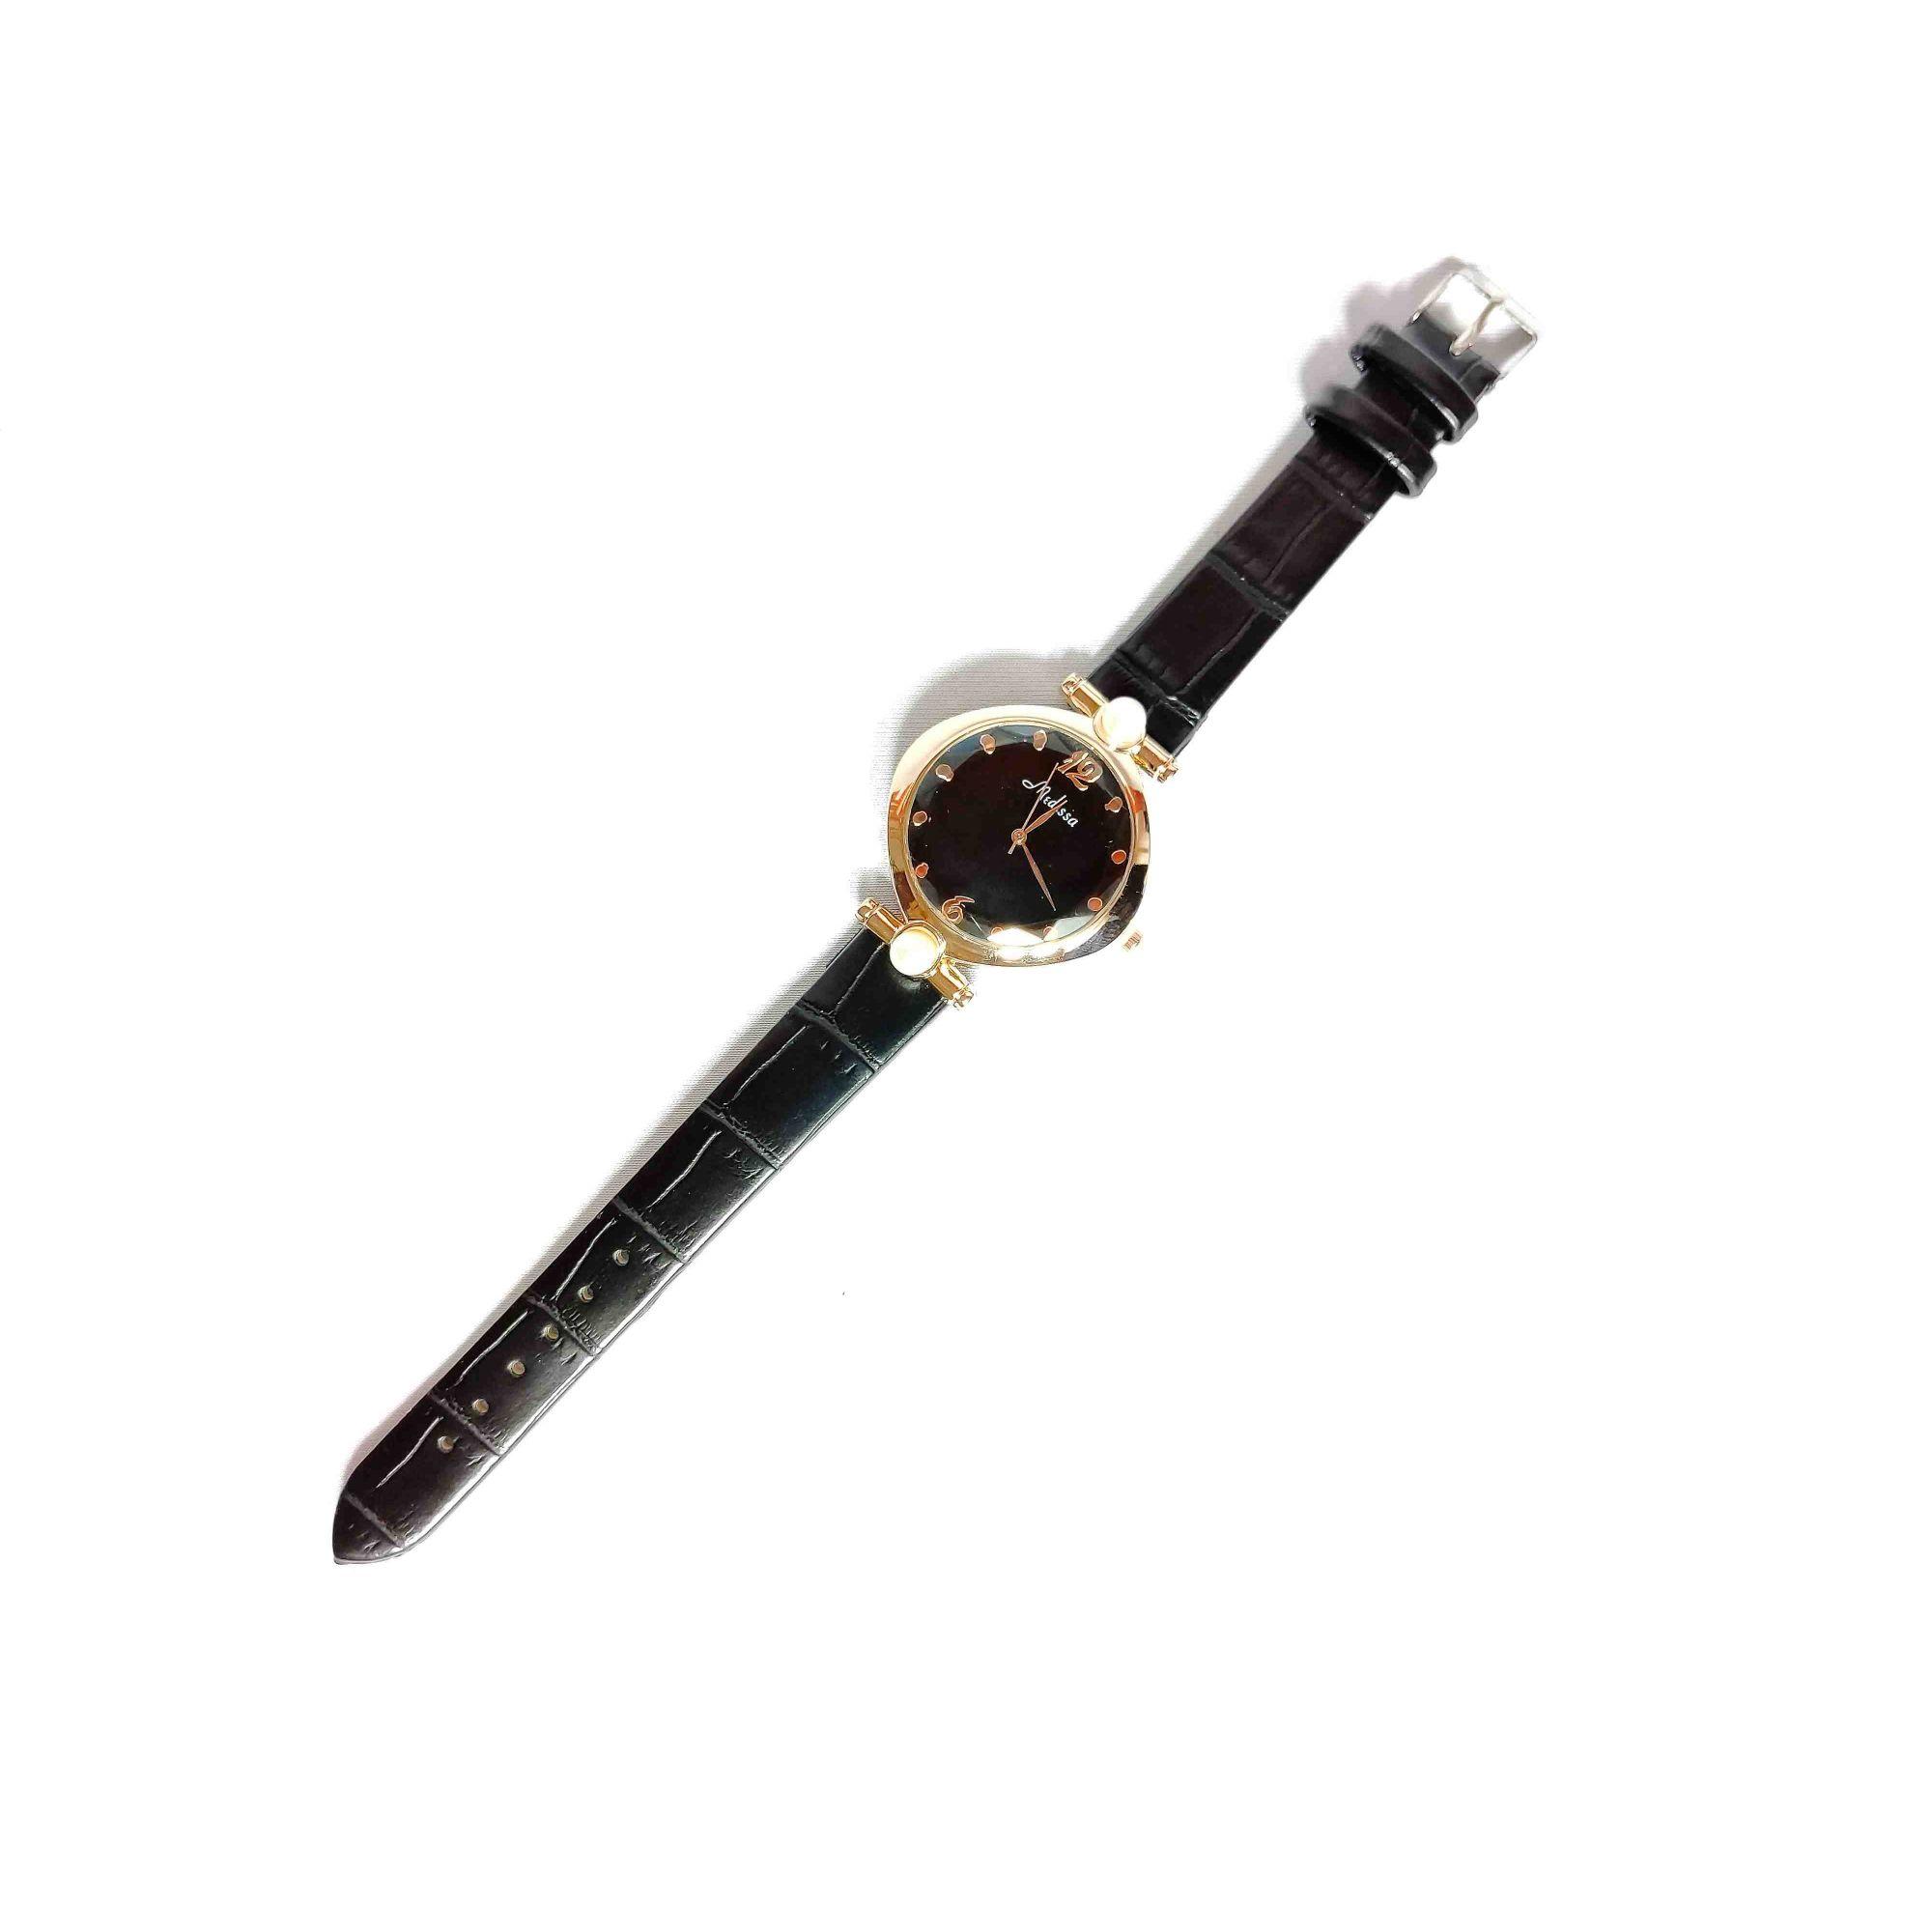 Relógio Feminino Quartz Pulseira Couro Preta Strass